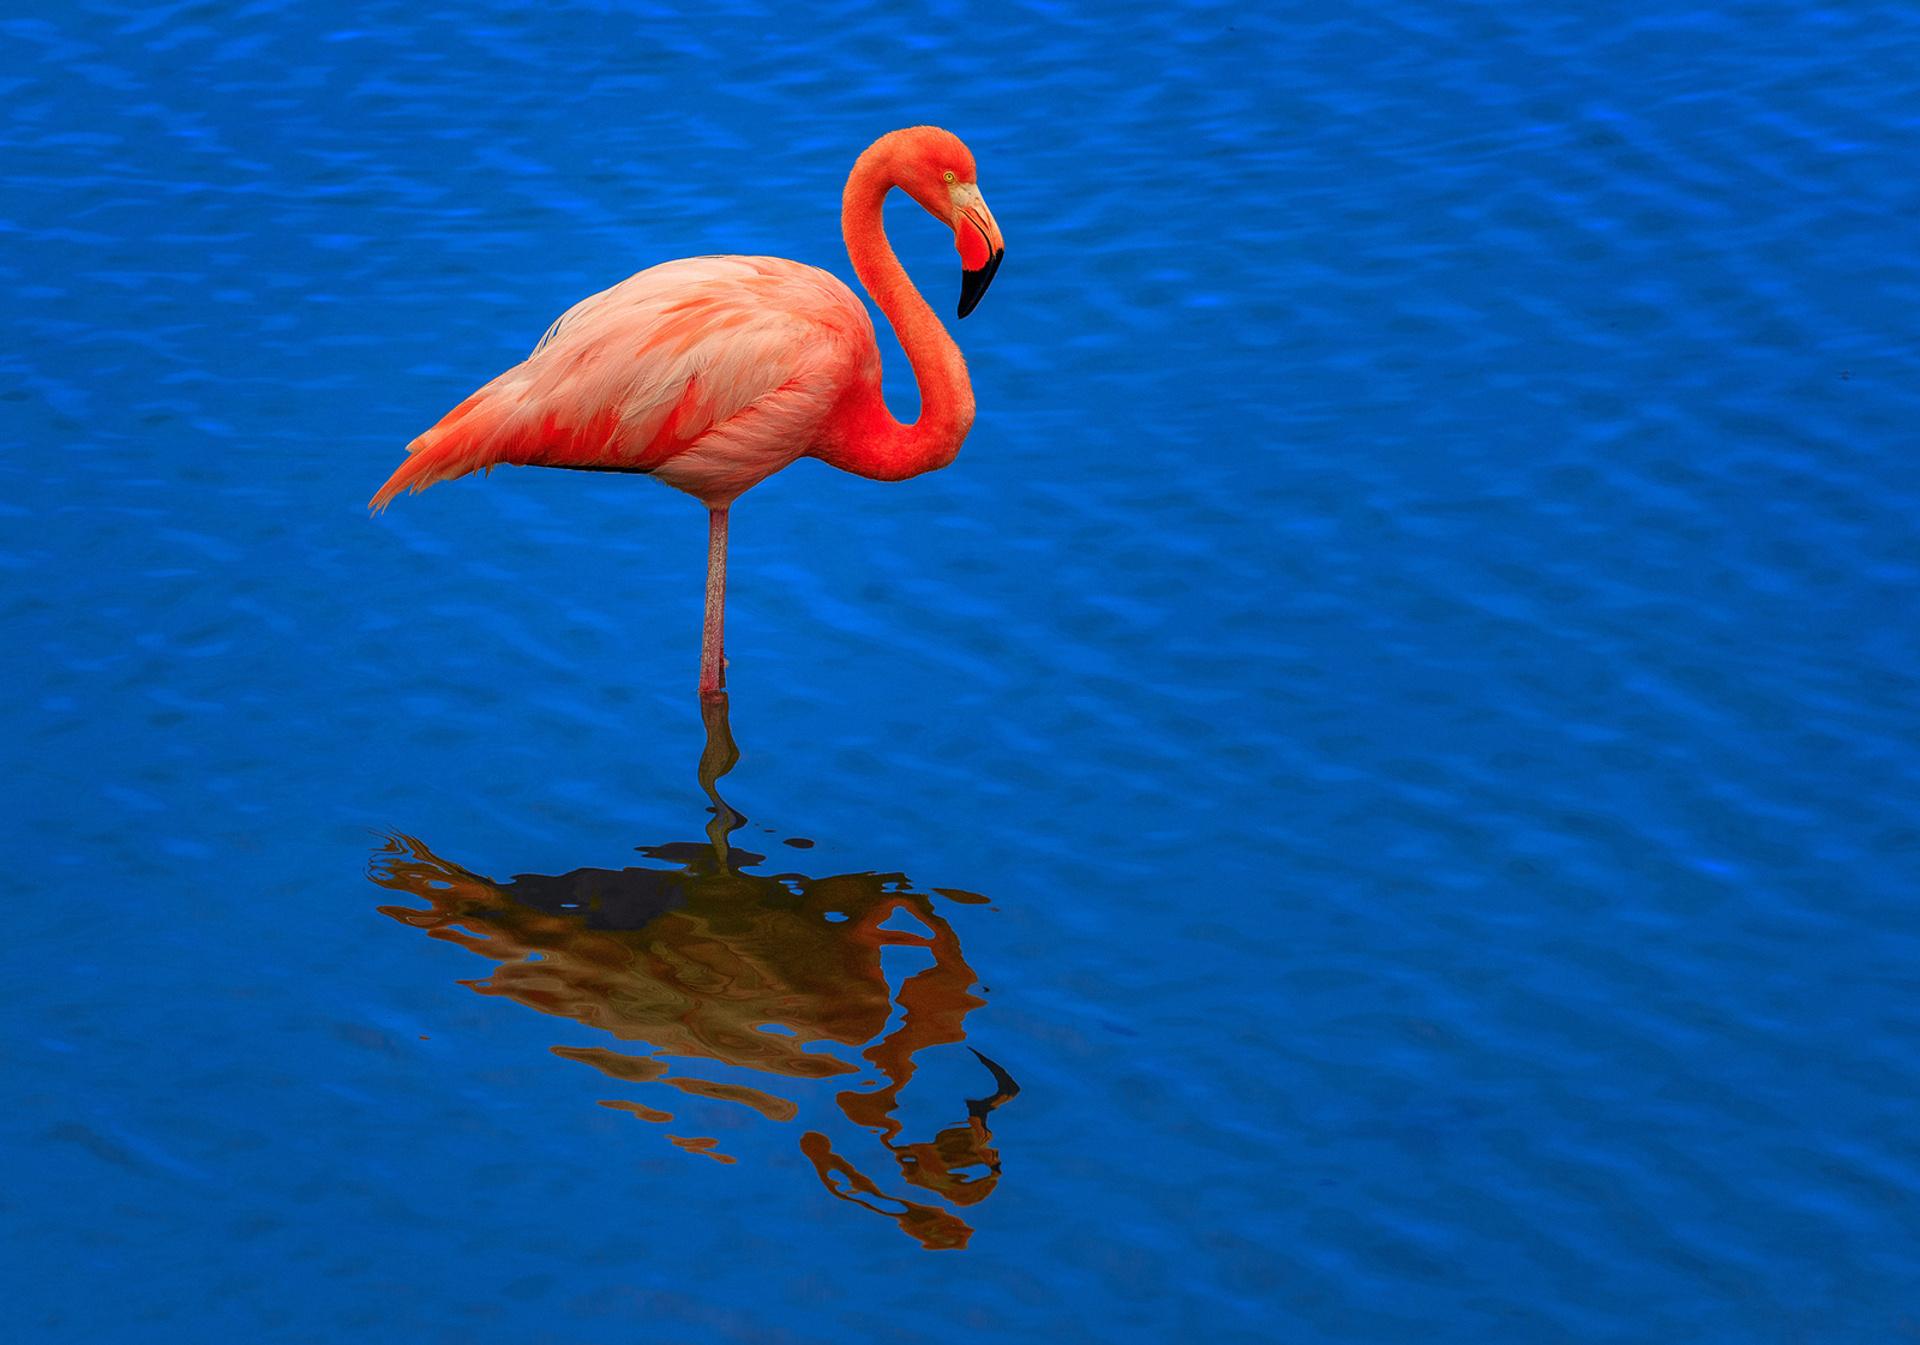 картинка с фламинго на голубом фоне дает